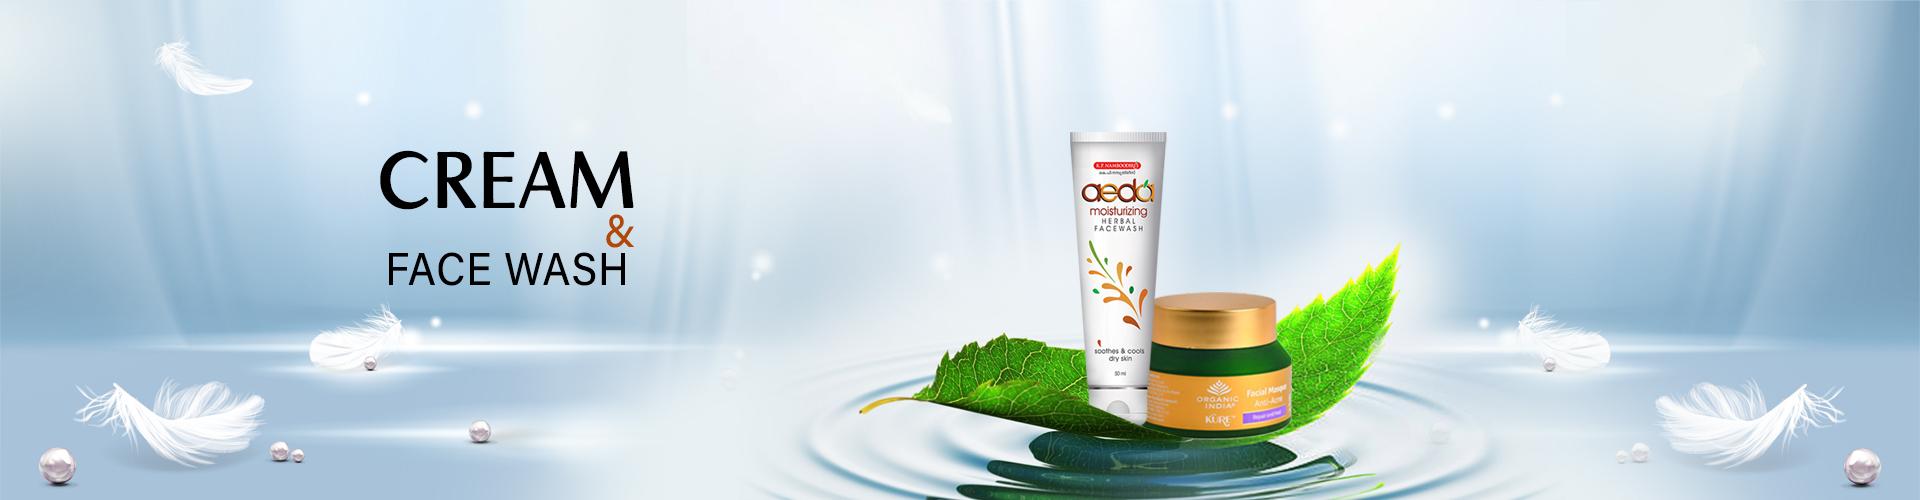 Cream & Face wash